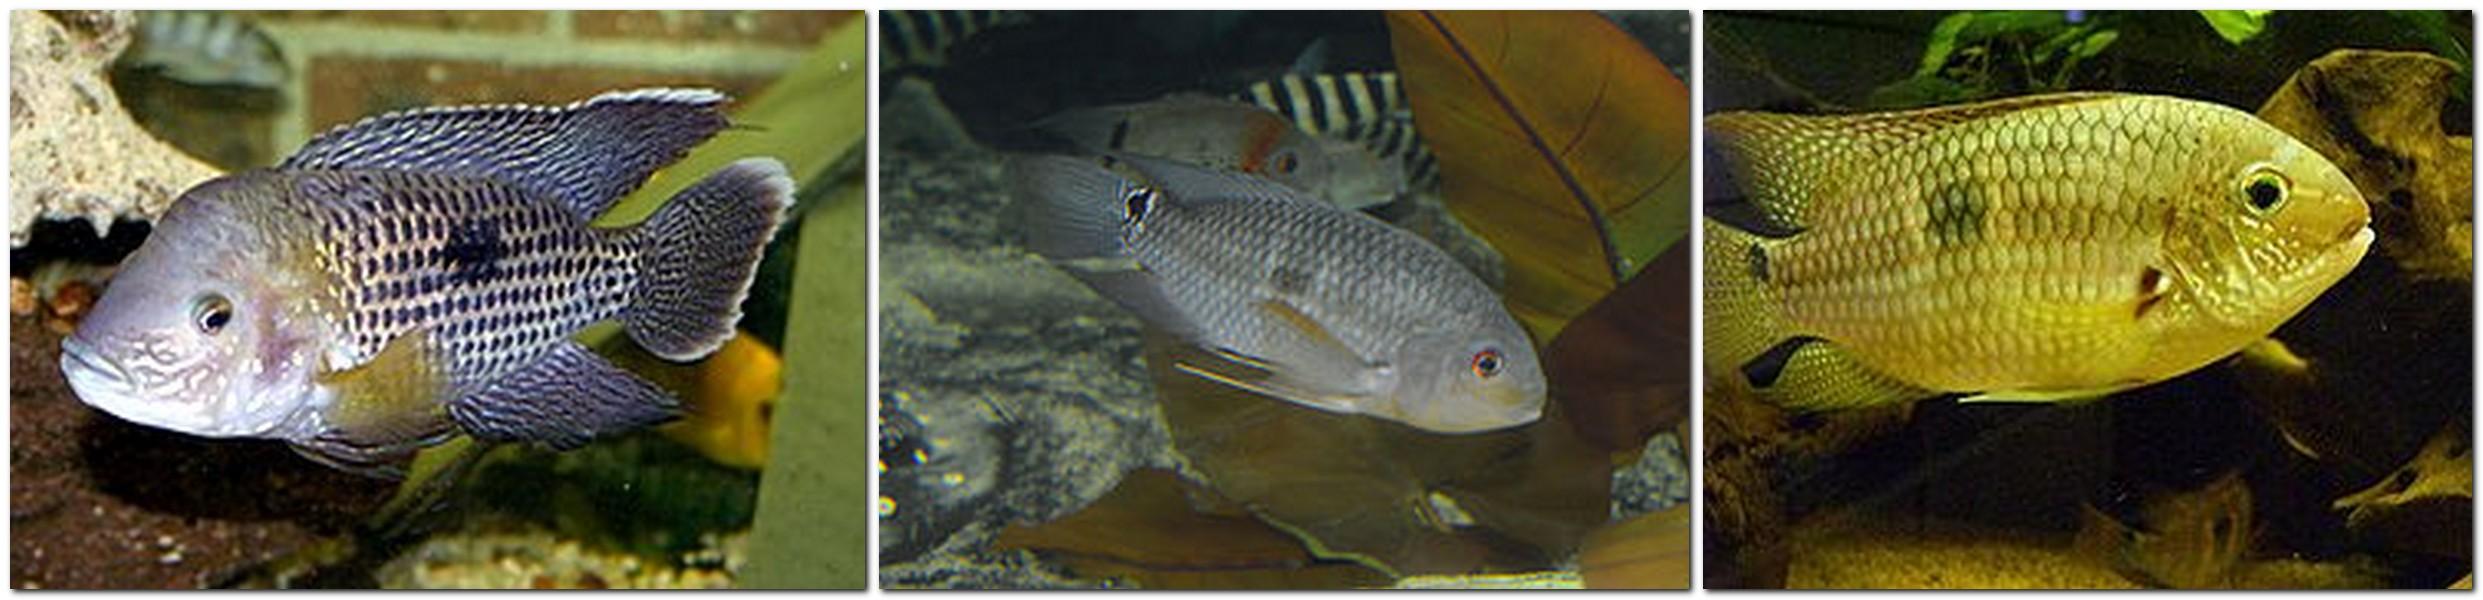 Aequidens Coeruleopunctatus - Aequidens Coeruleopunctatus